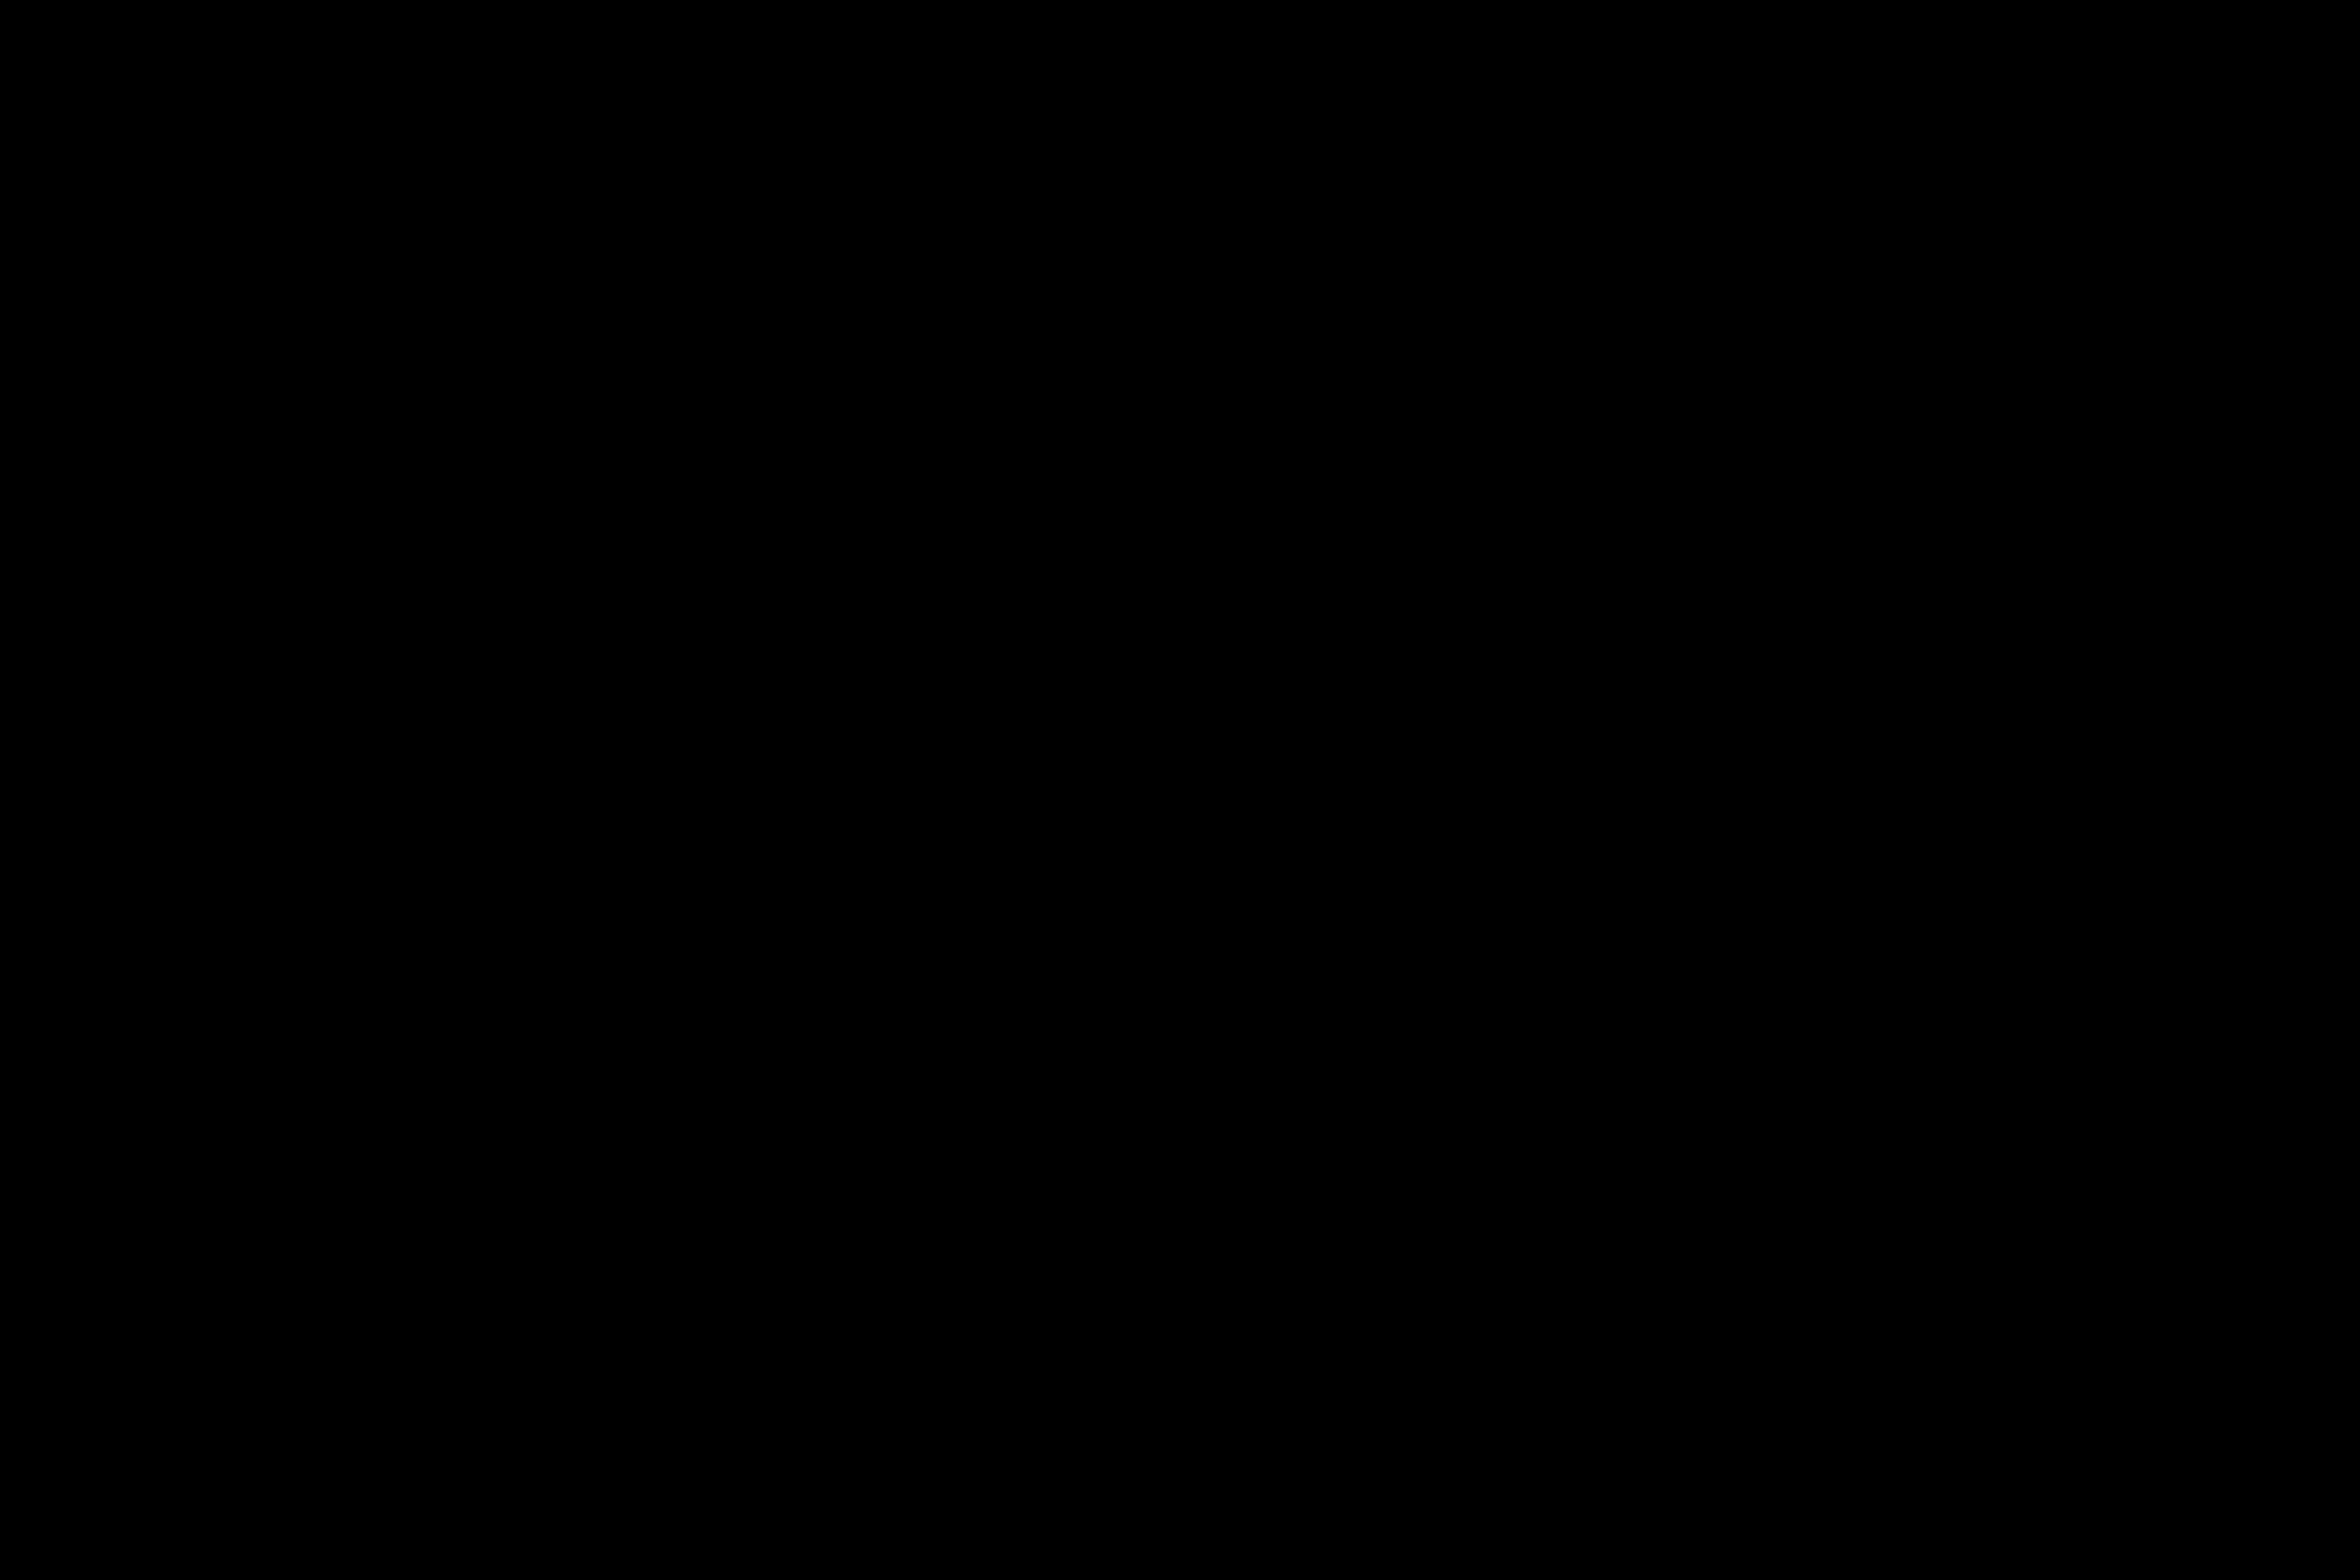 man looking at the skies